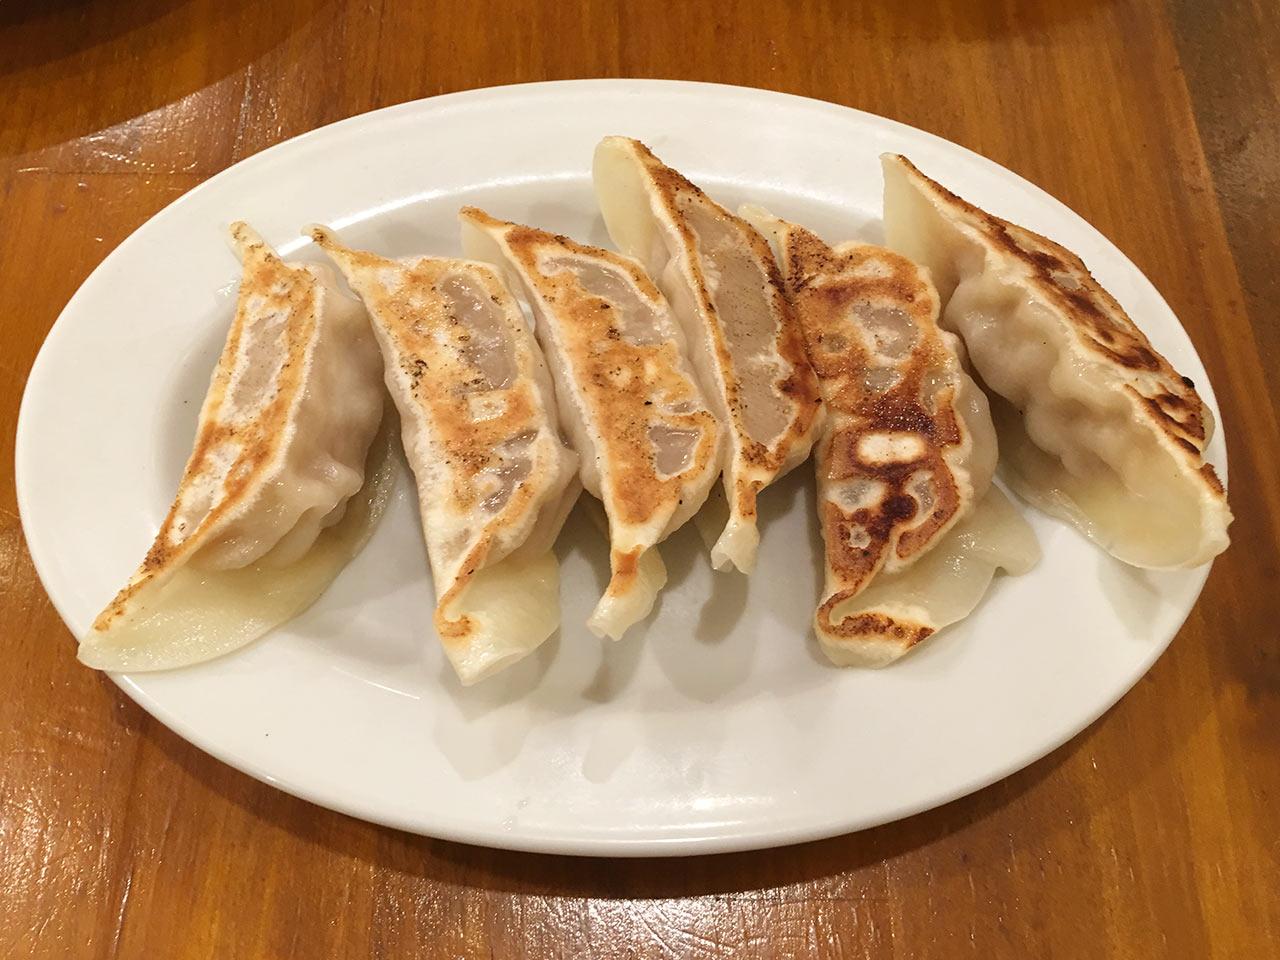 武蔵小山の餃子屋ふく肉の焼き餃子